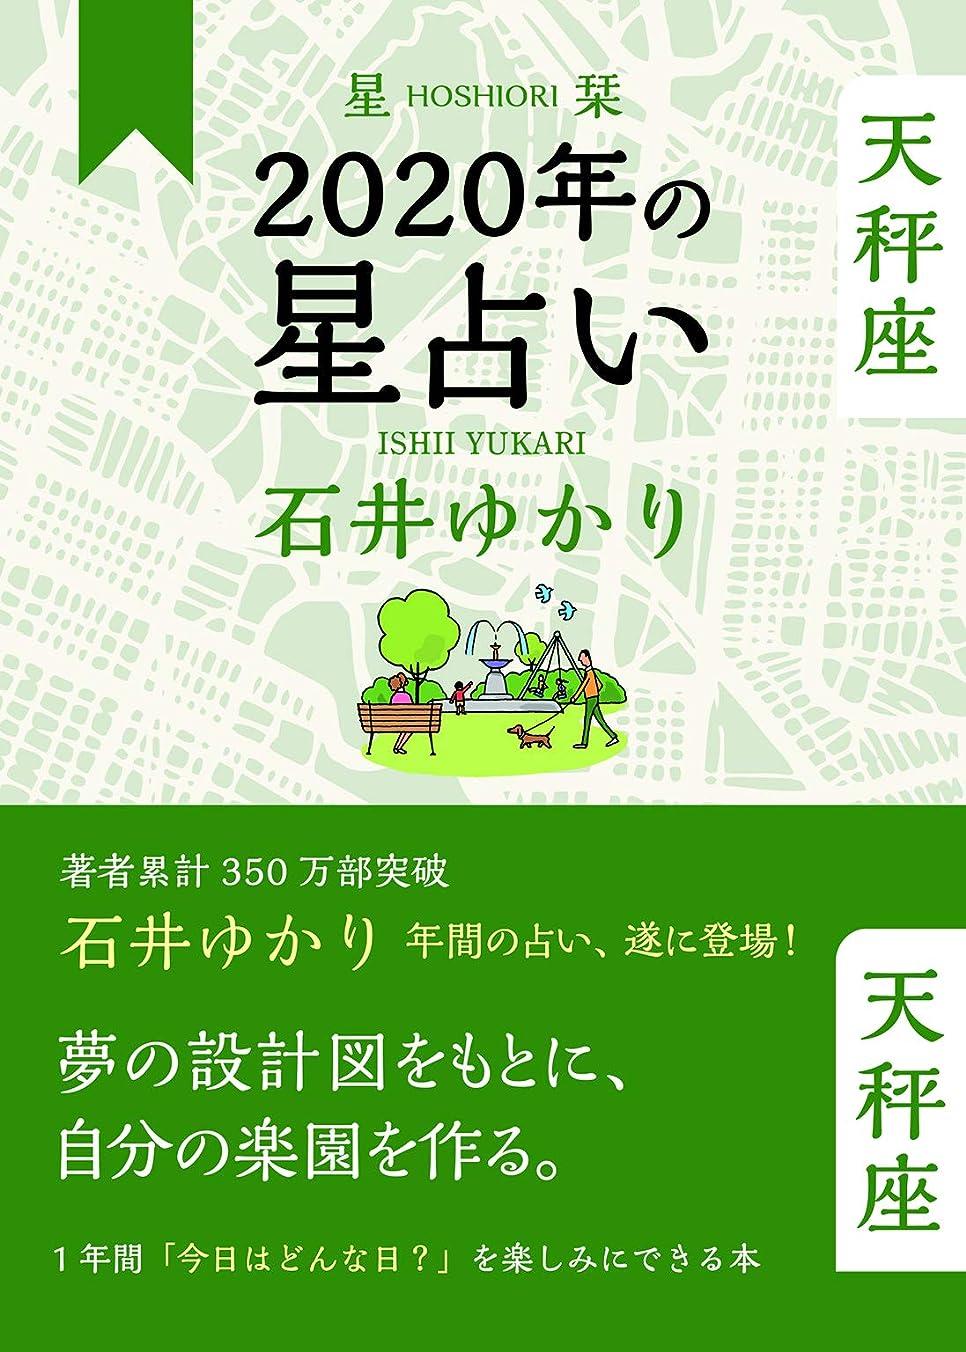 シネウィ適応するアカデミー星栞 2020年の星占い 天秤座 (一般書籍)